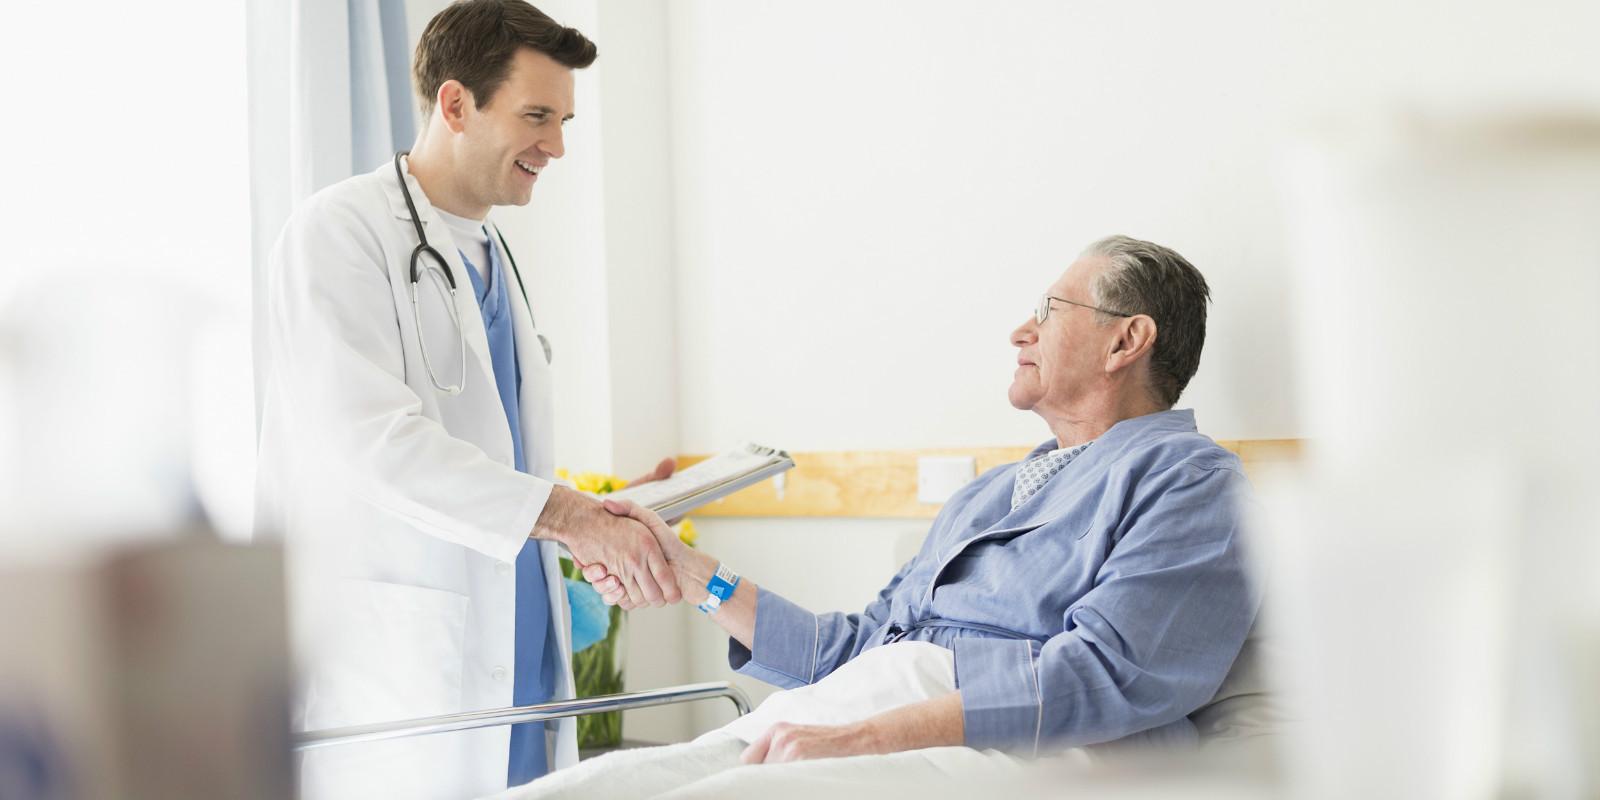 观点   为什么人们会对医生不满?